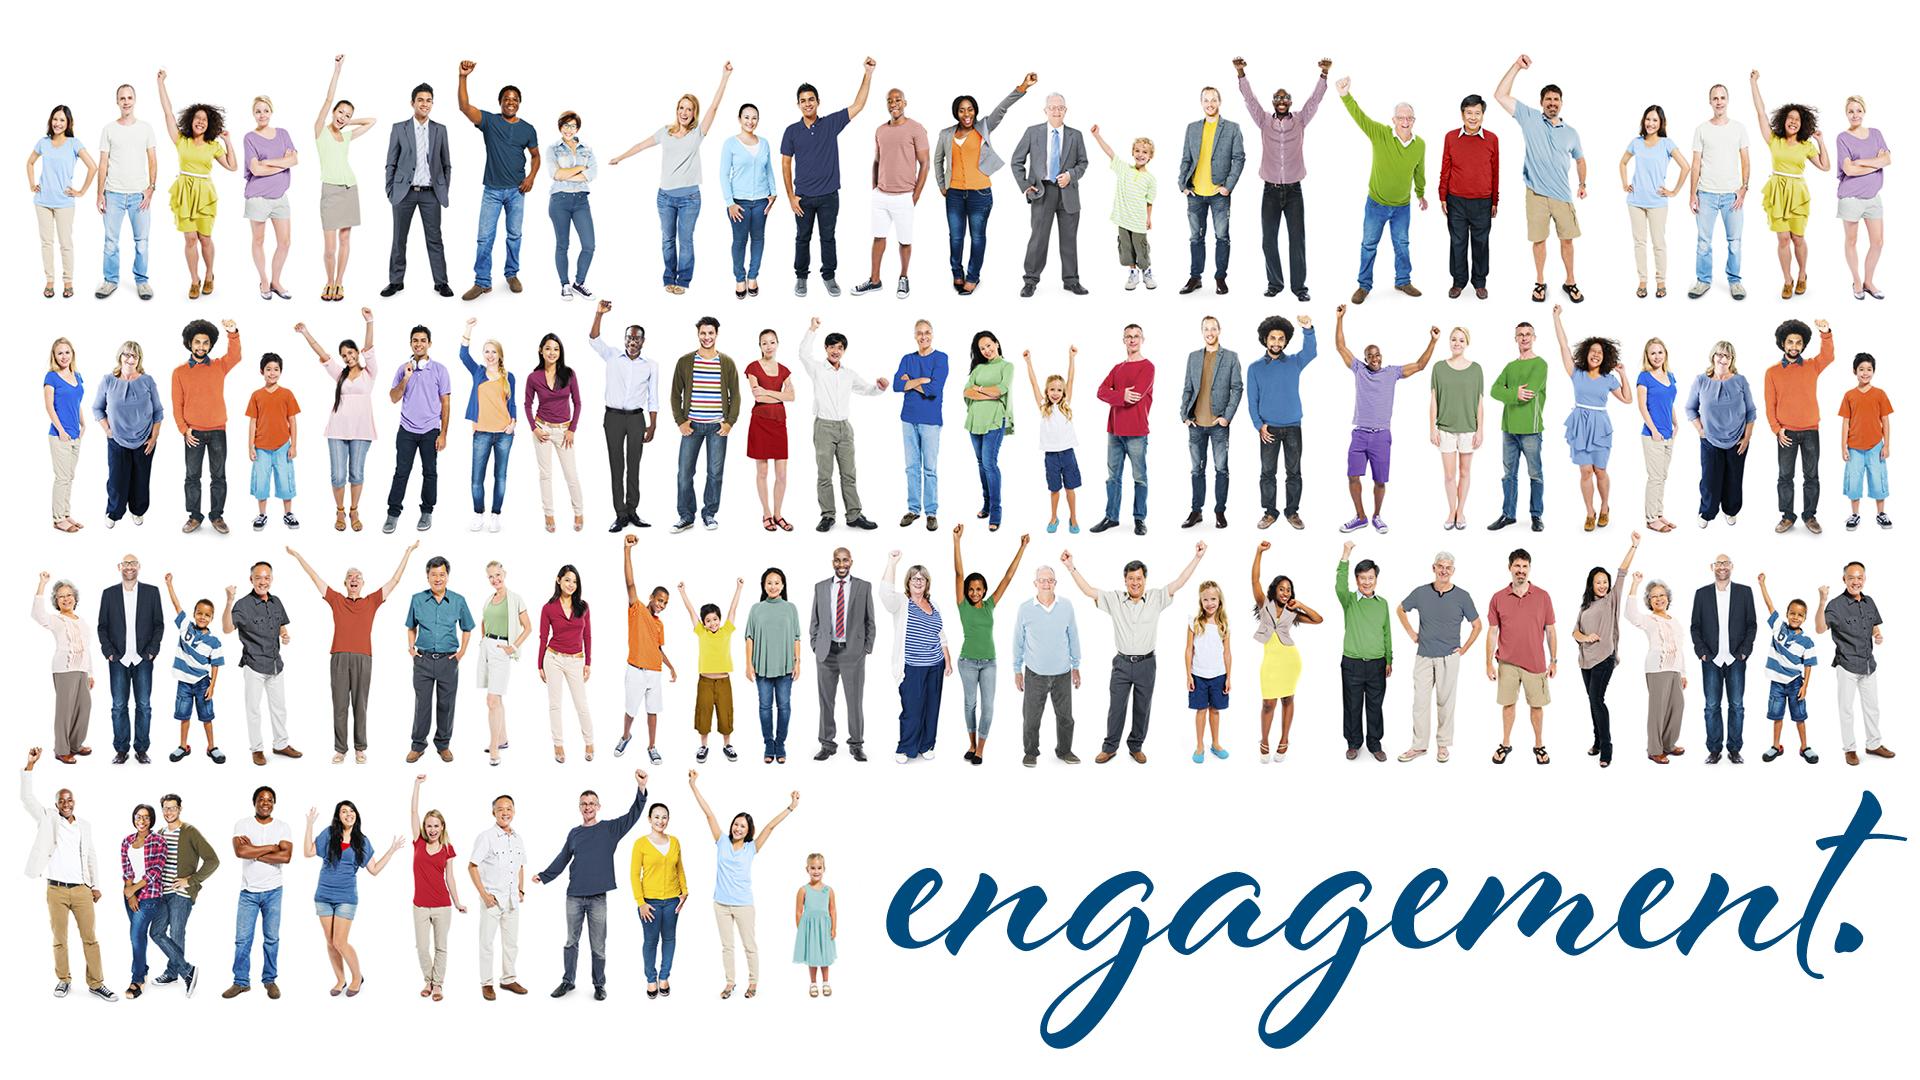 Appel aux Québécoises et aux Québécois dans le cadre du programme Engagement